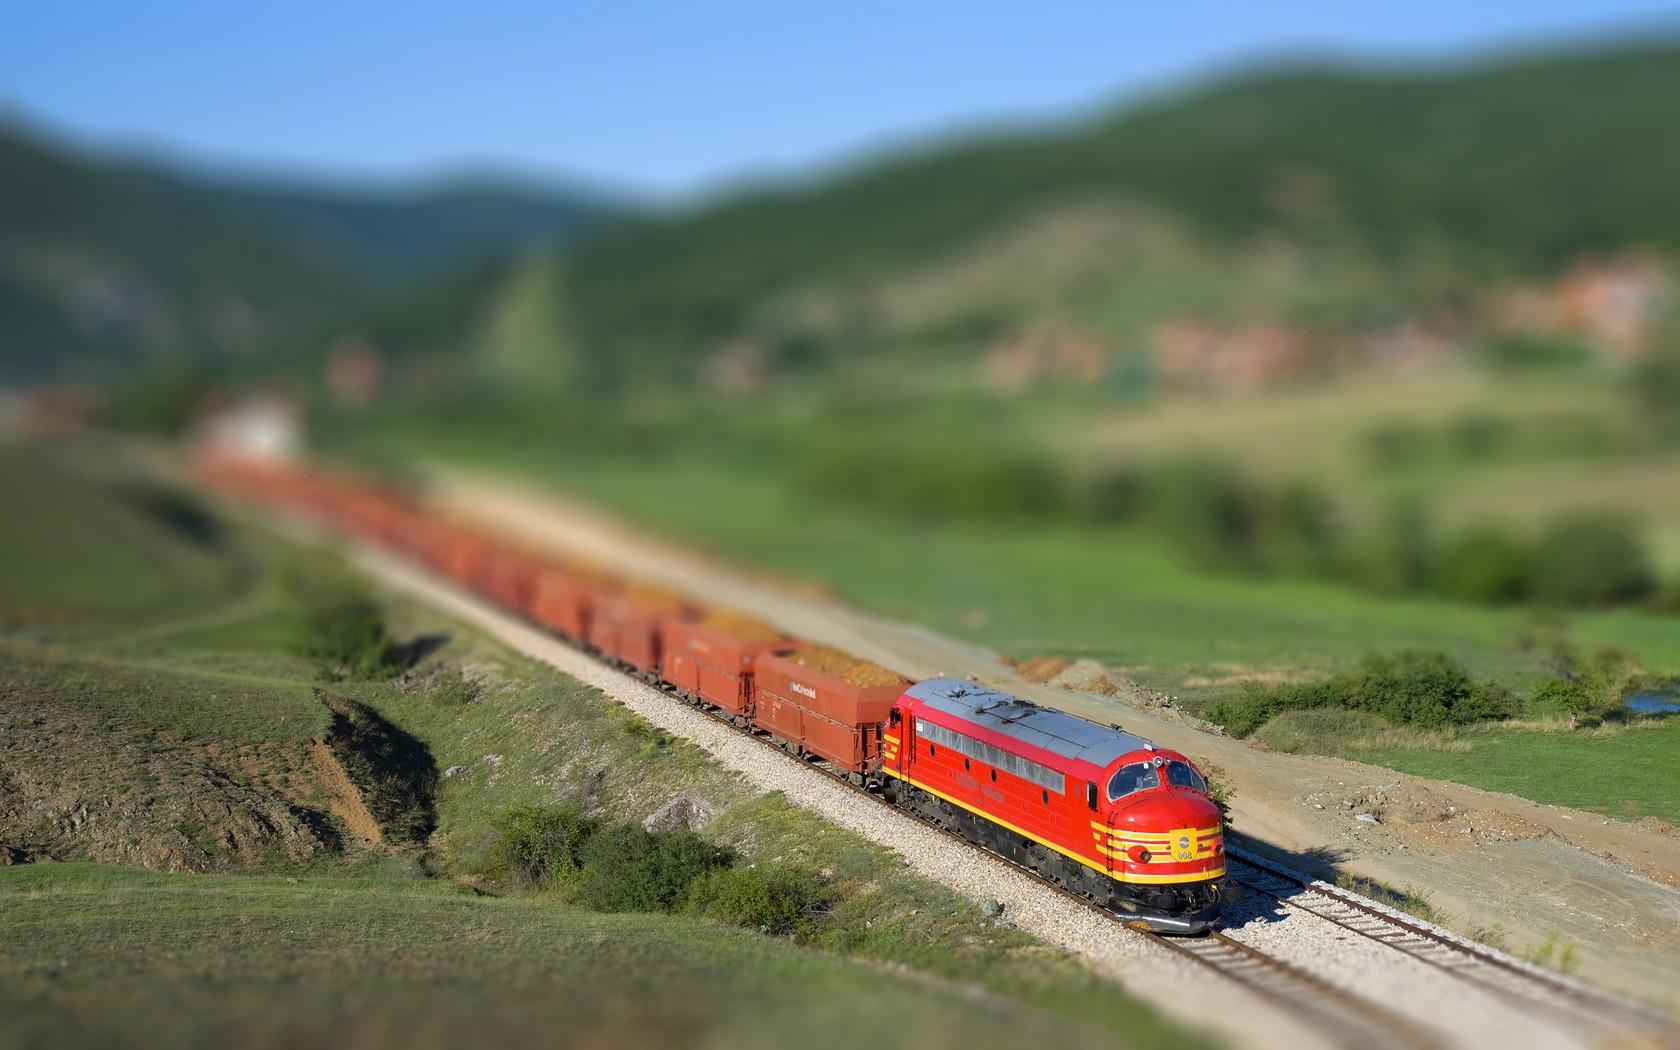 Train general green train 1680x1050